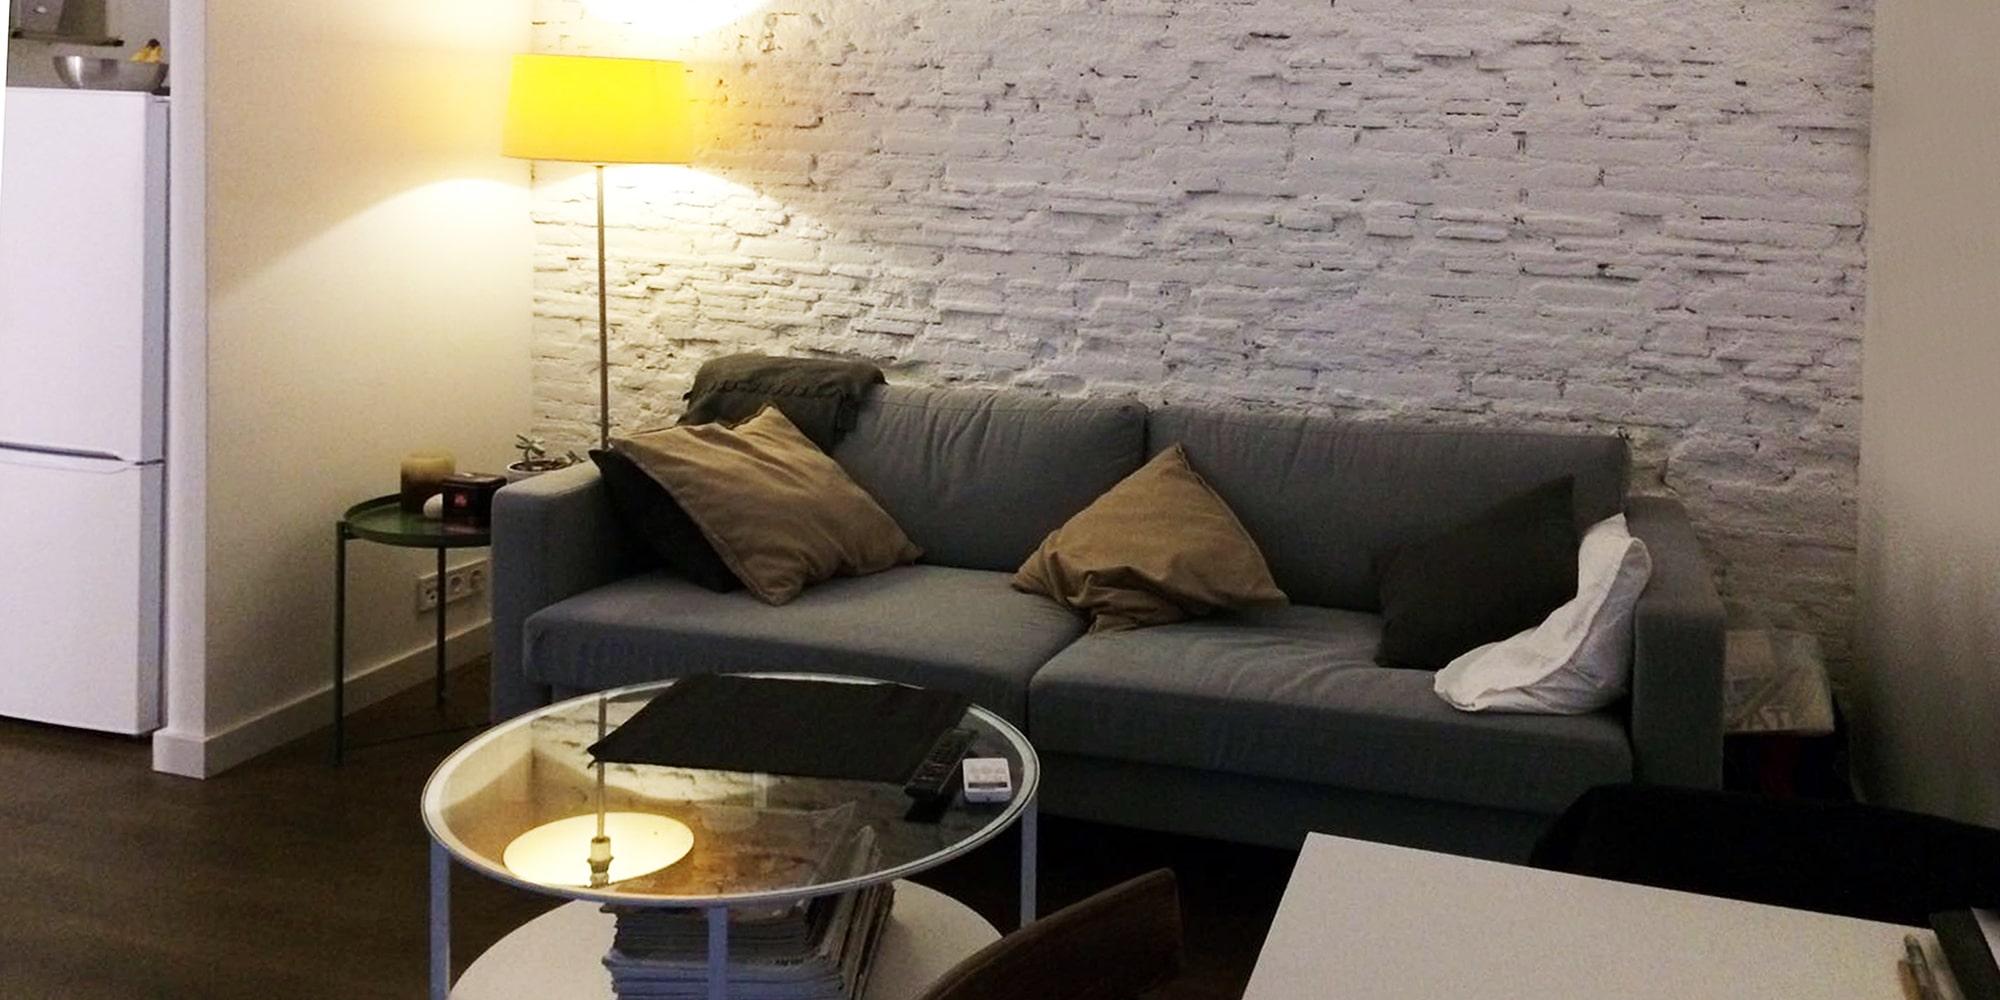 Rehabilitació d' habitatge a la Barceloneta